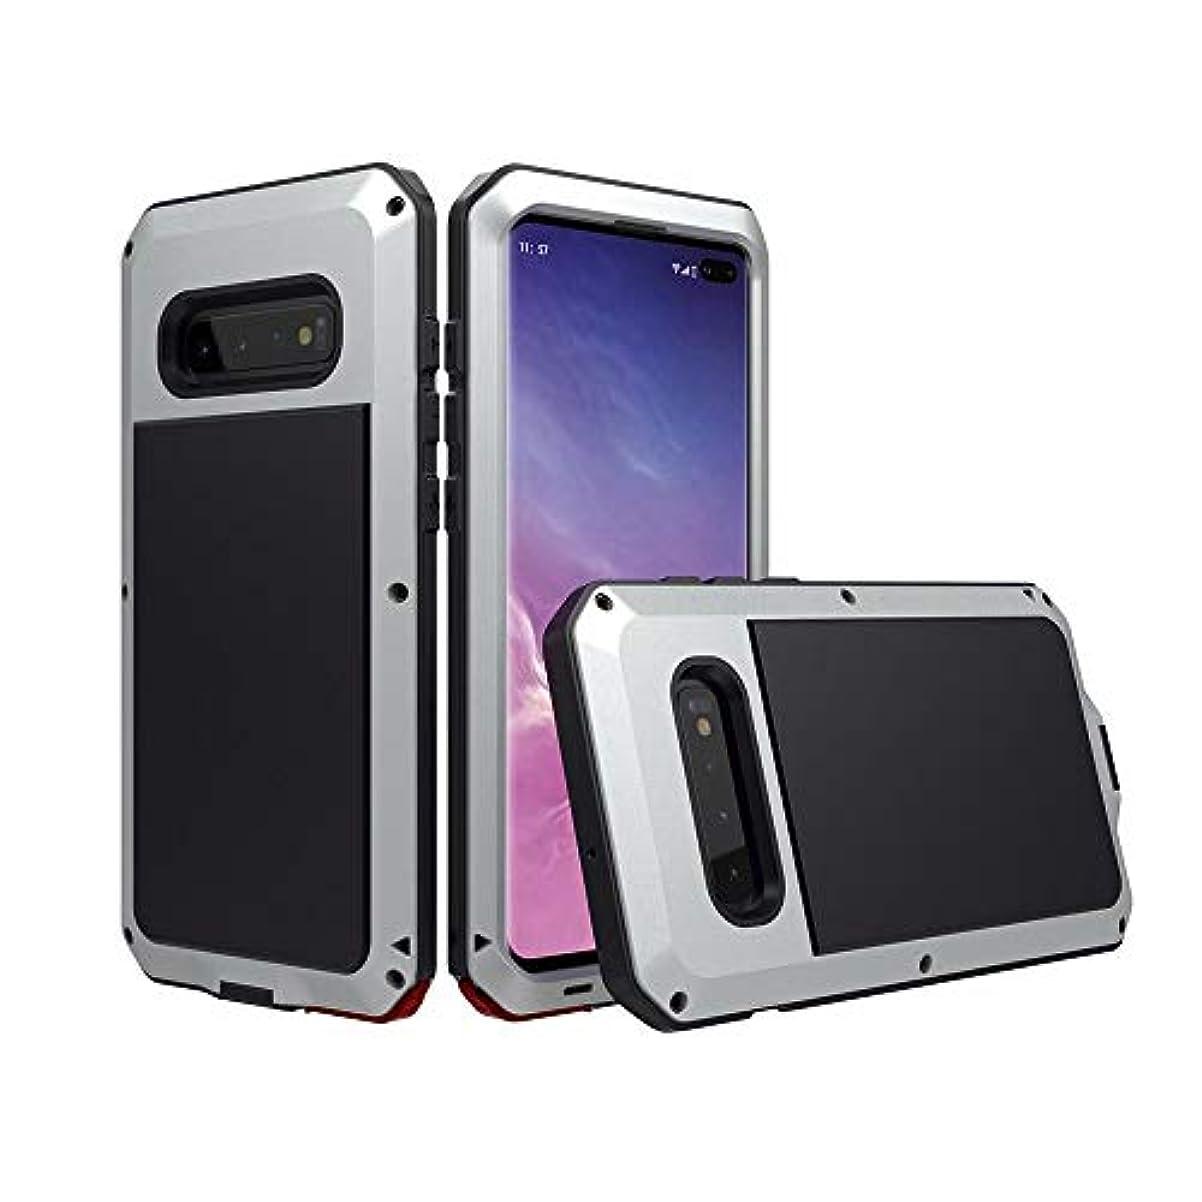 写真を描く通行人プラスTonglilili 電話ケース、メタルスリーアンチ携帯電話ケース落下防止防塵保護カバー電話ケースサムスンS10、S10プラス (Color : Silver, Edition : S10 Plus)